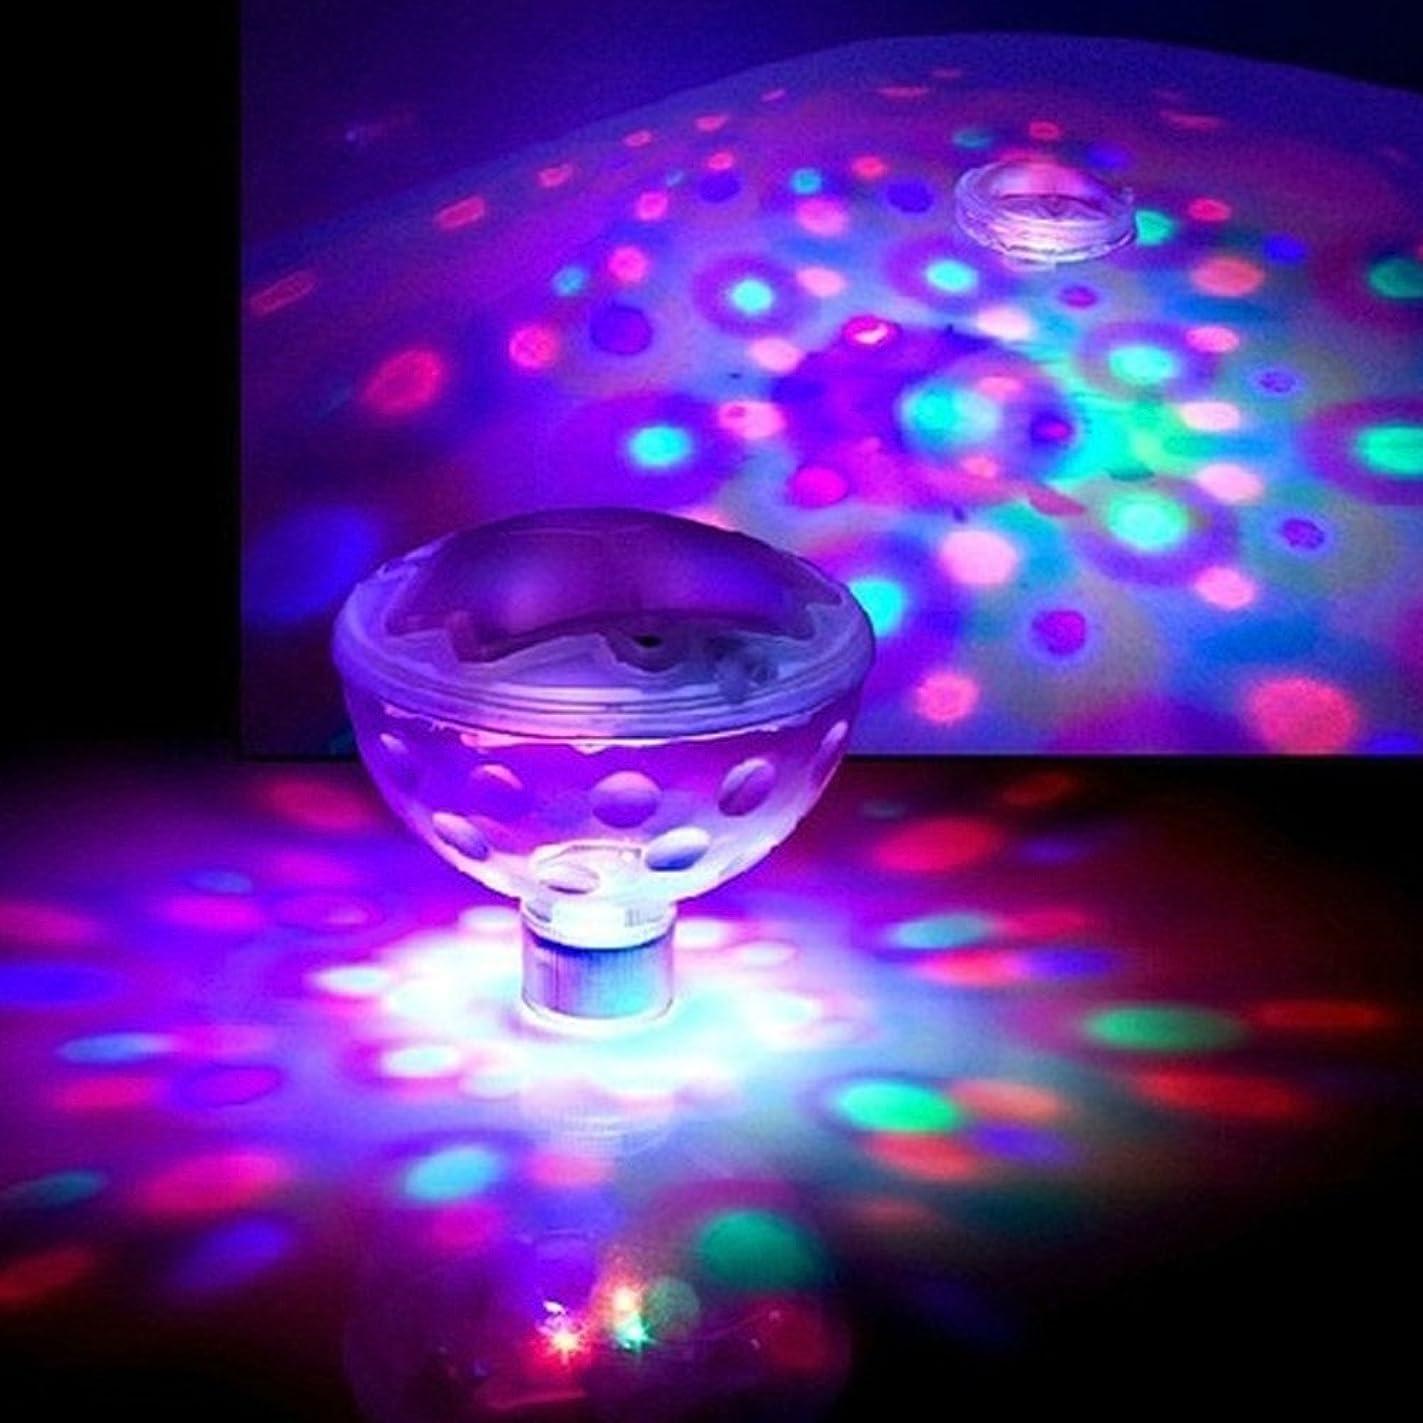 資料他のバンドでソース光るライト 五種発光モード 防水LEDライト 水中 LEDディスコライト バスルーム お風呂に パーティ プール 浴槽 SPAライト カラフルな浮動ランプ (写真のショーとして)